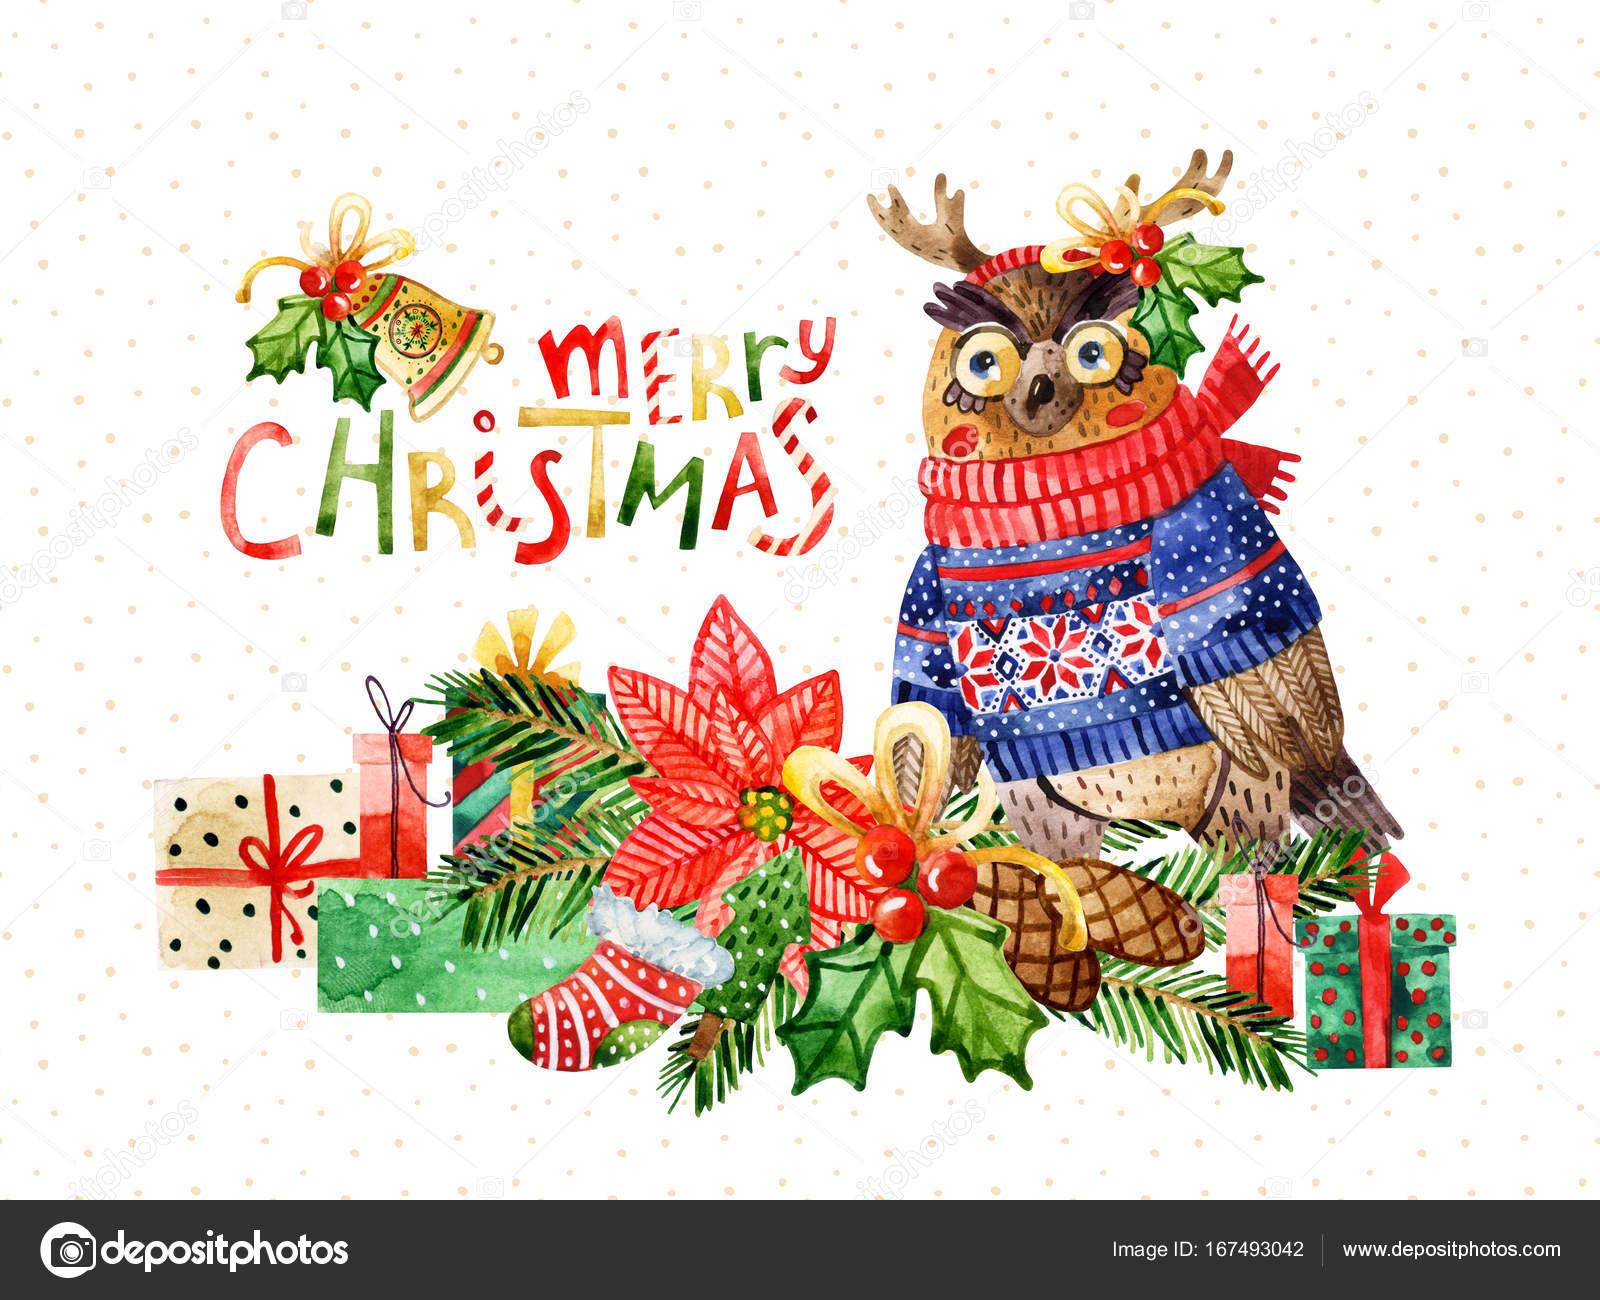 Herzlichen gluckwunsch zu weihnachten